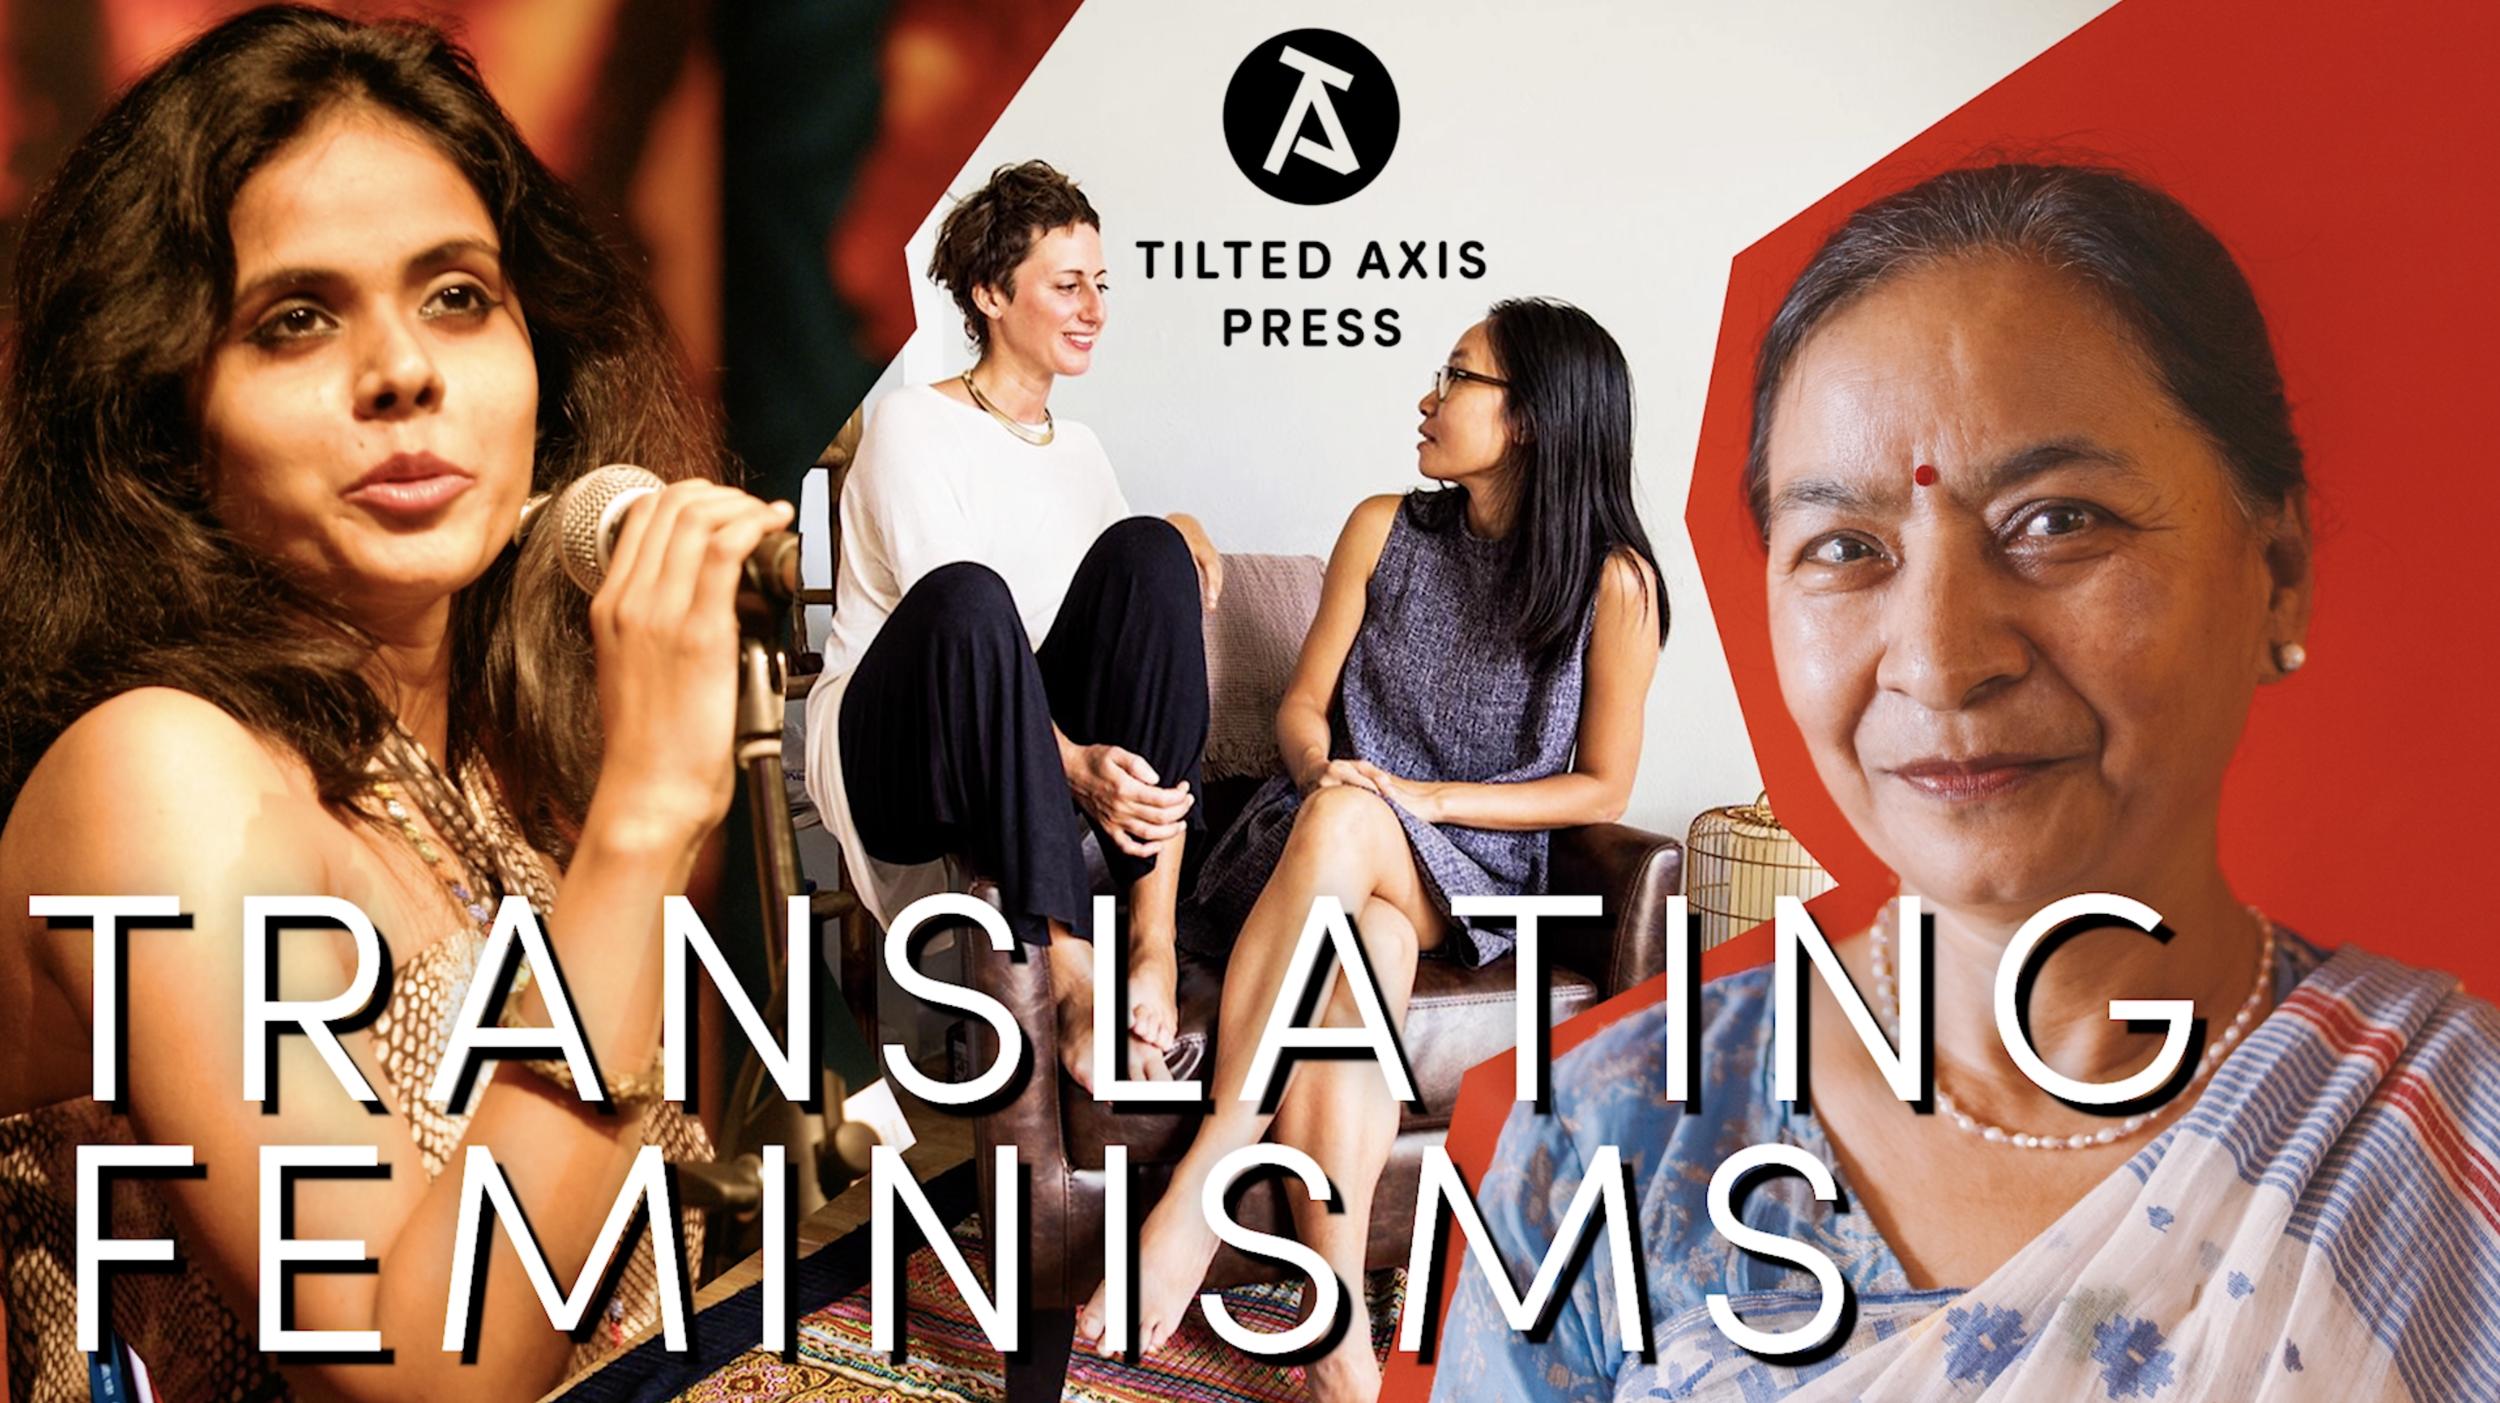 translating feminisms title slide 2.png